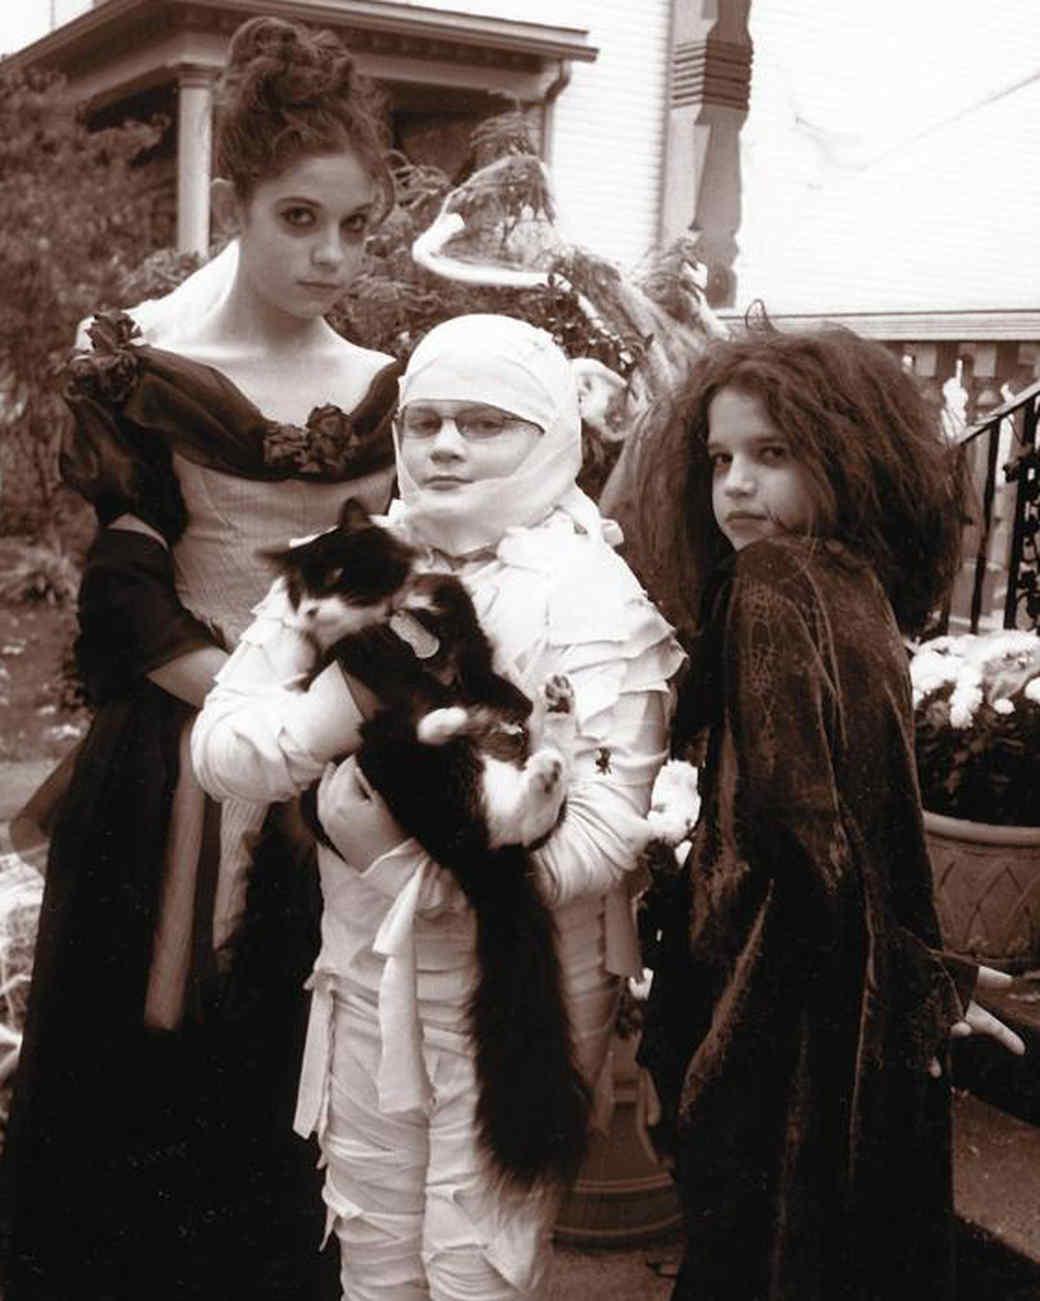 kids-halloween-mslb7009.jpg